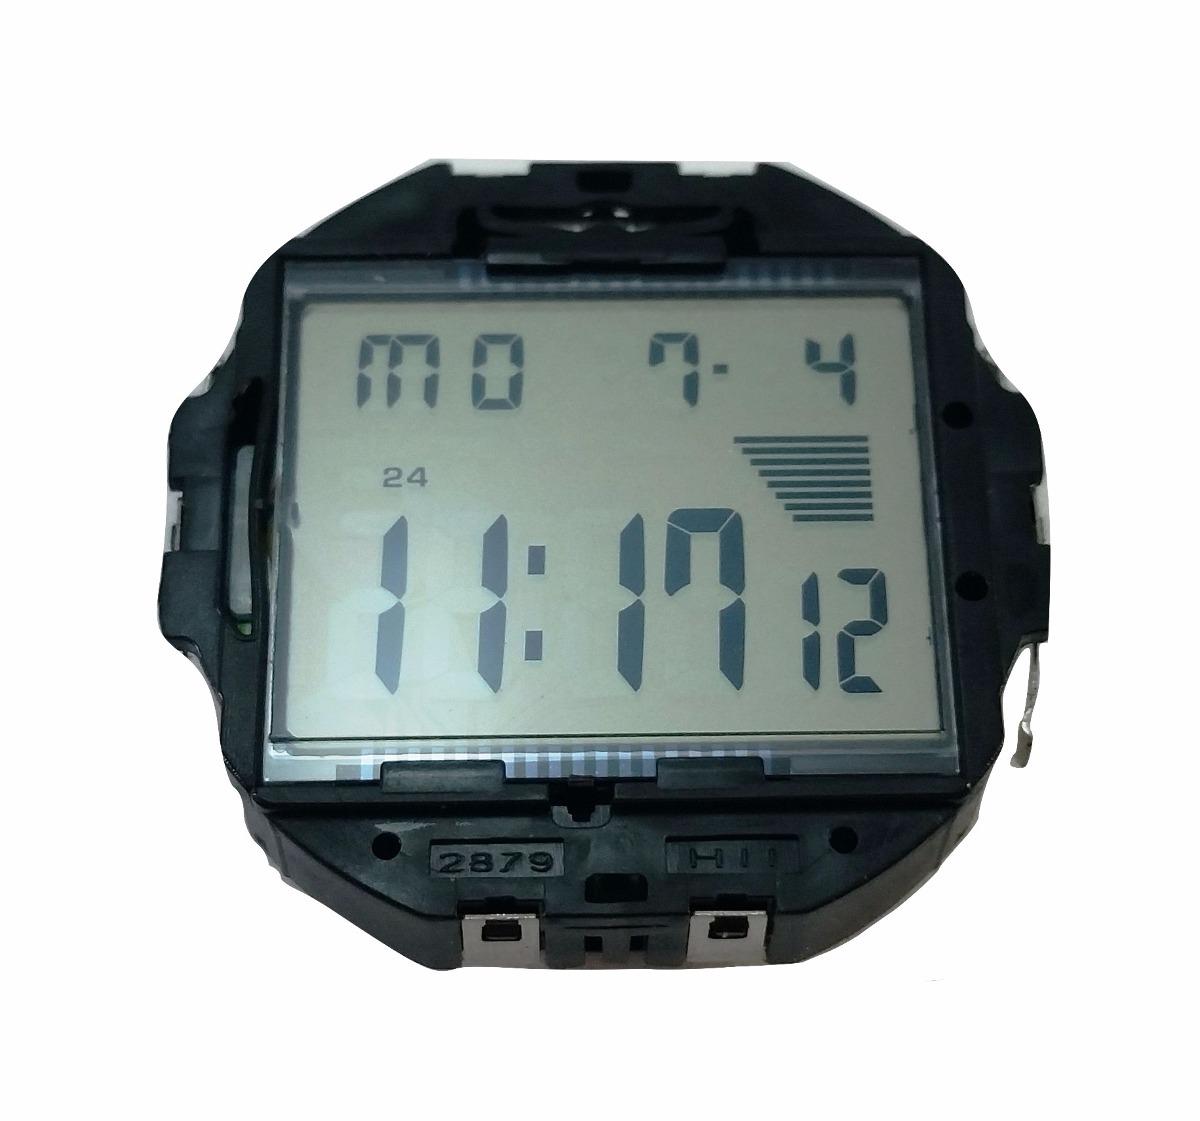 f1d25ceb454 Mecanismo Do Relógio Casio W-201 Original W-201-1av - R  45